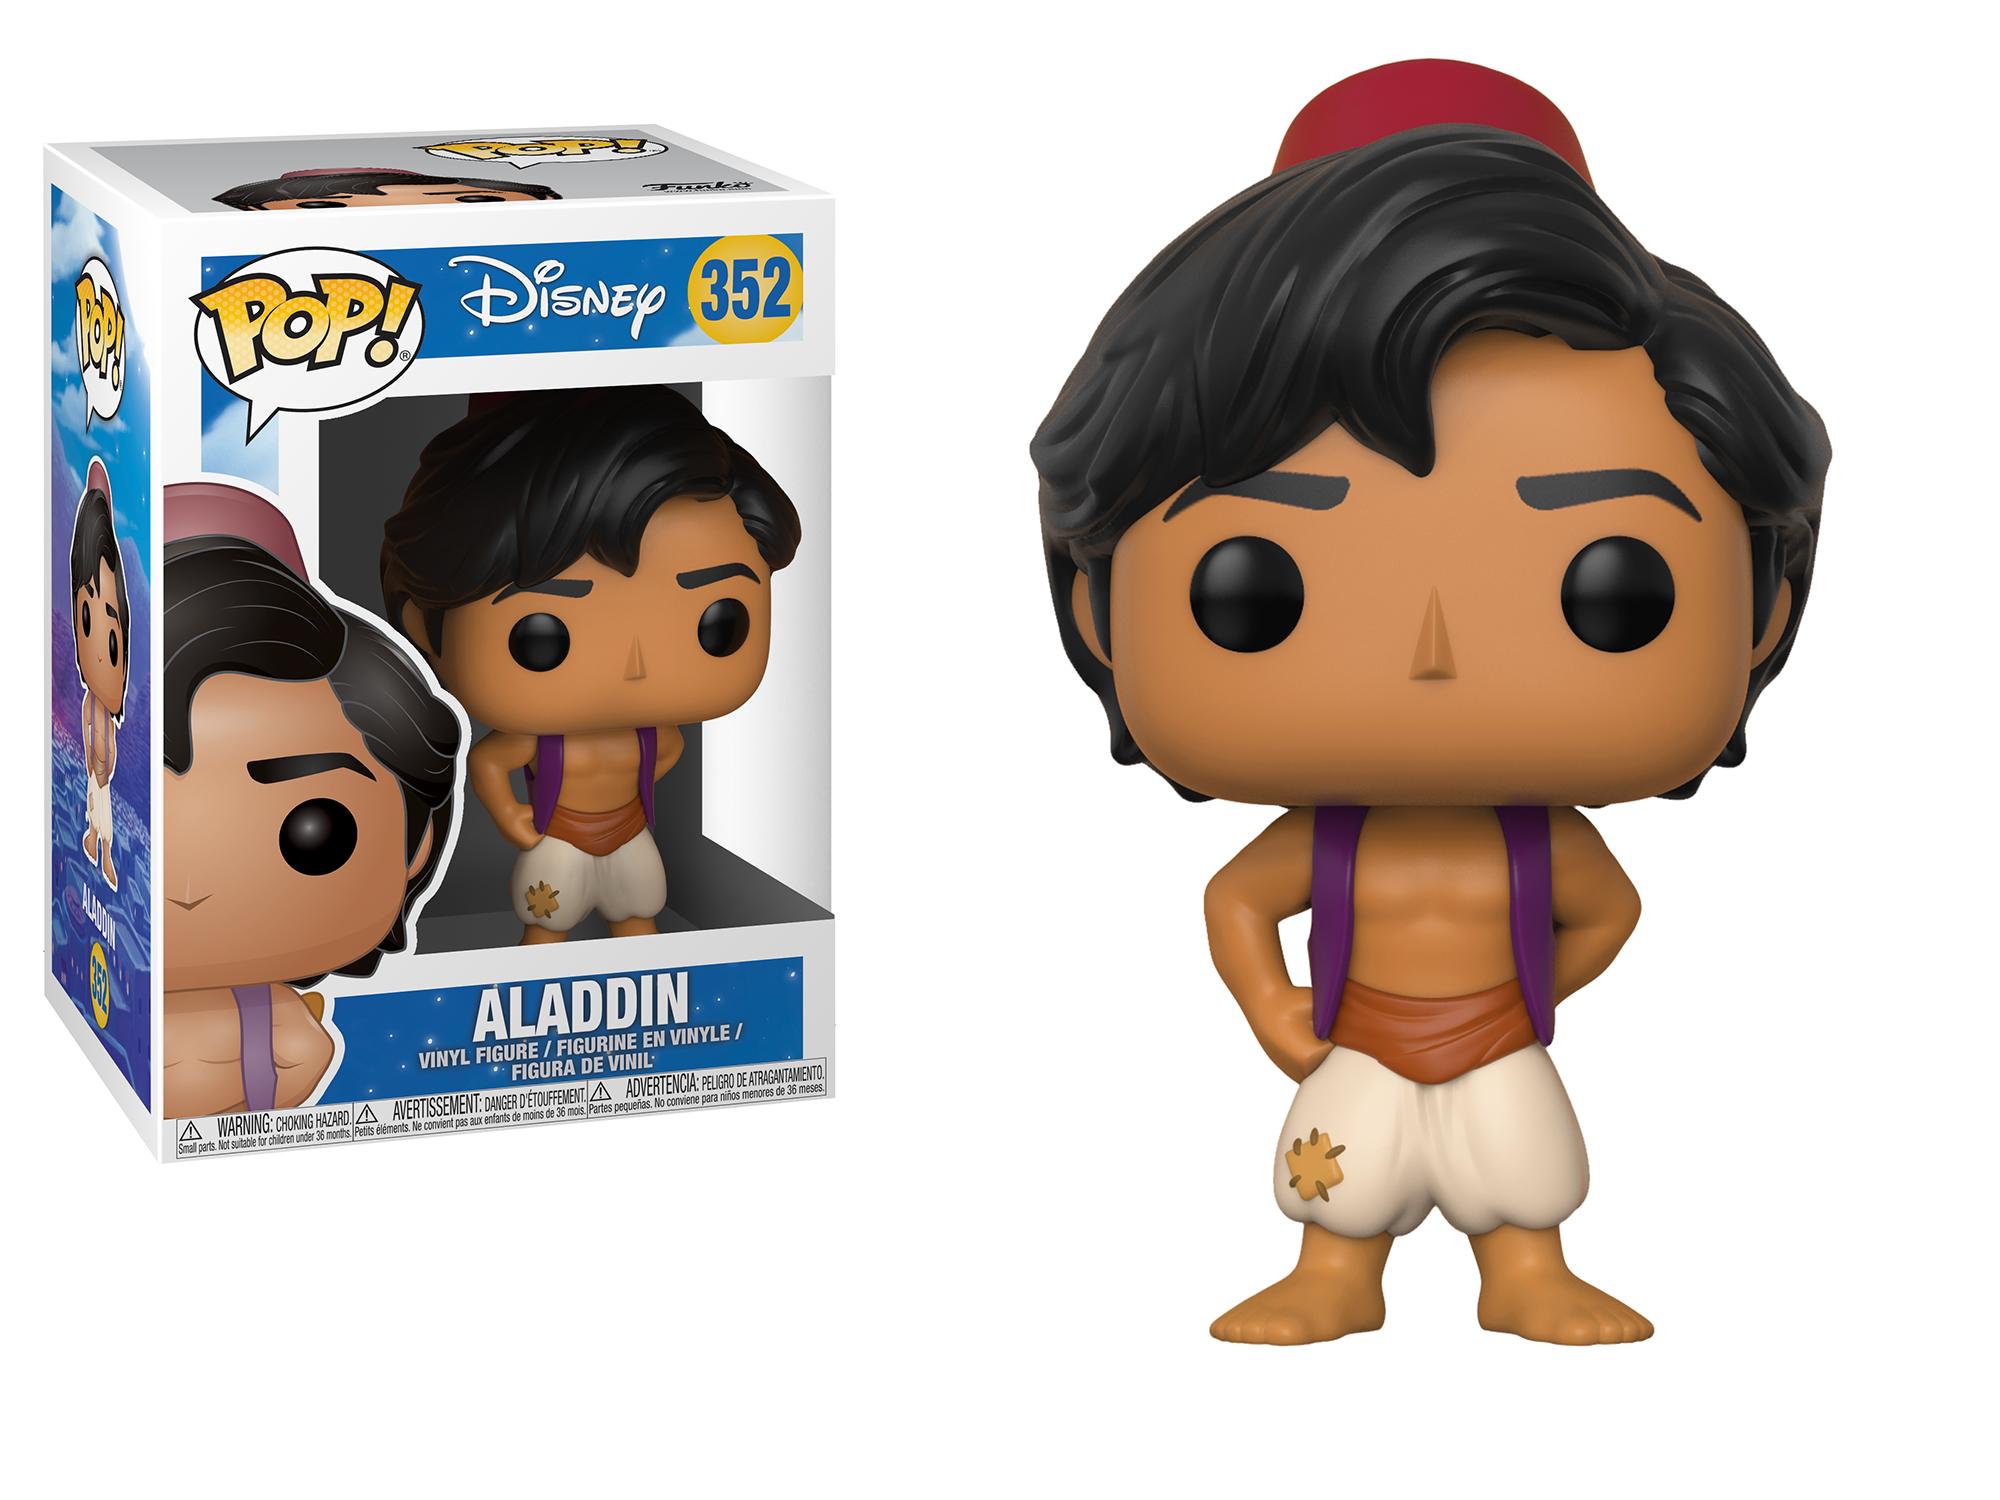 An Aladdin Funko Pop! figurine.